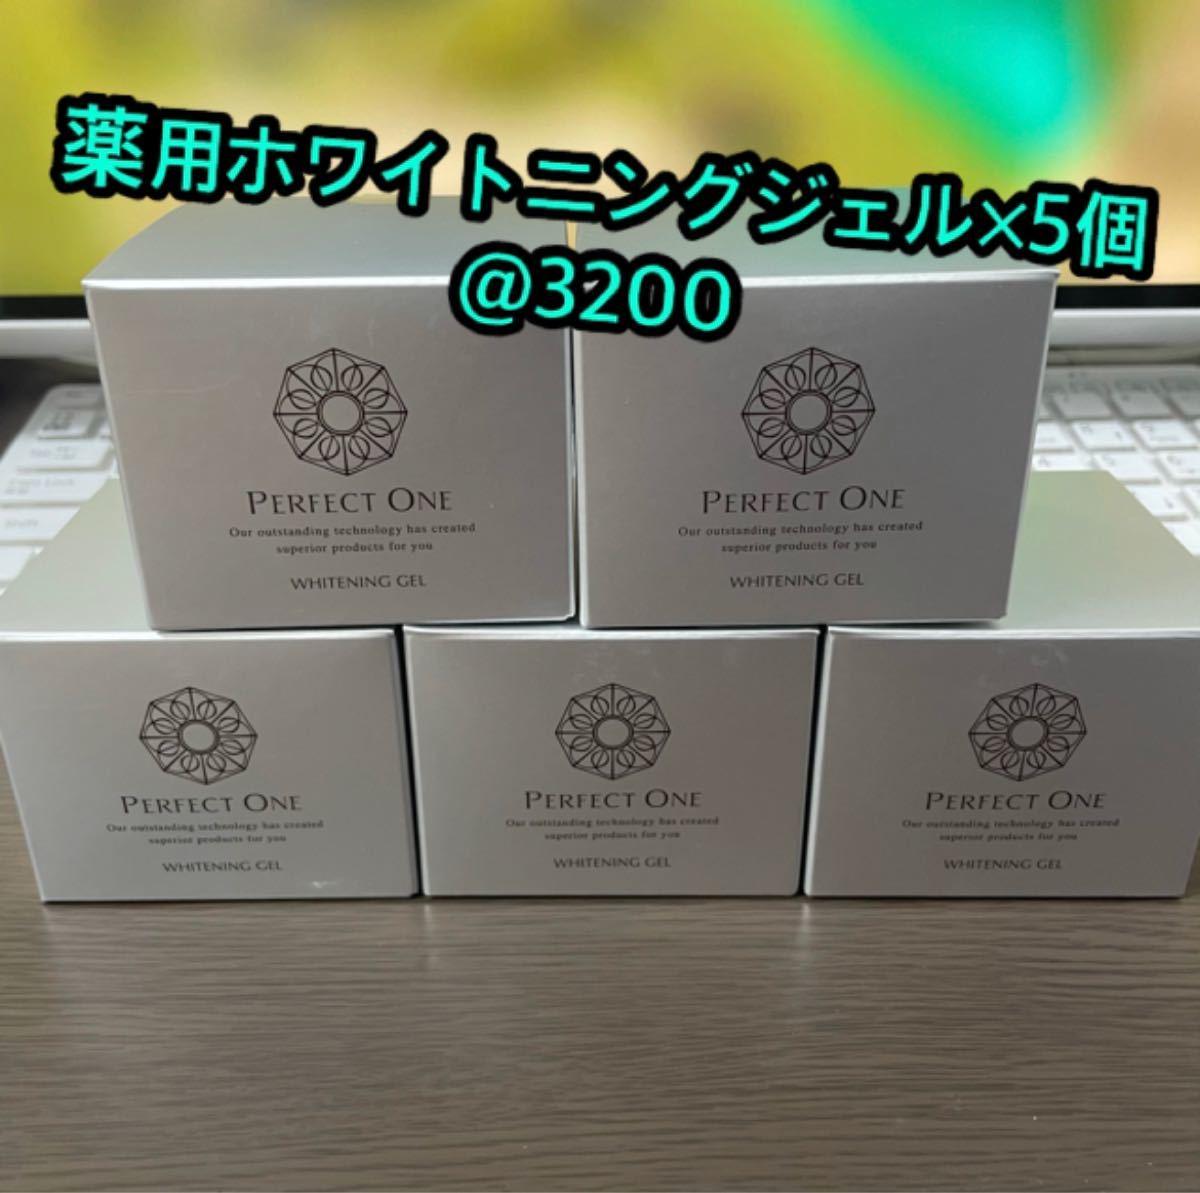 パーフェクトワン 薬用ホワイトニングジェル 美容液ジェル75g 5個セット